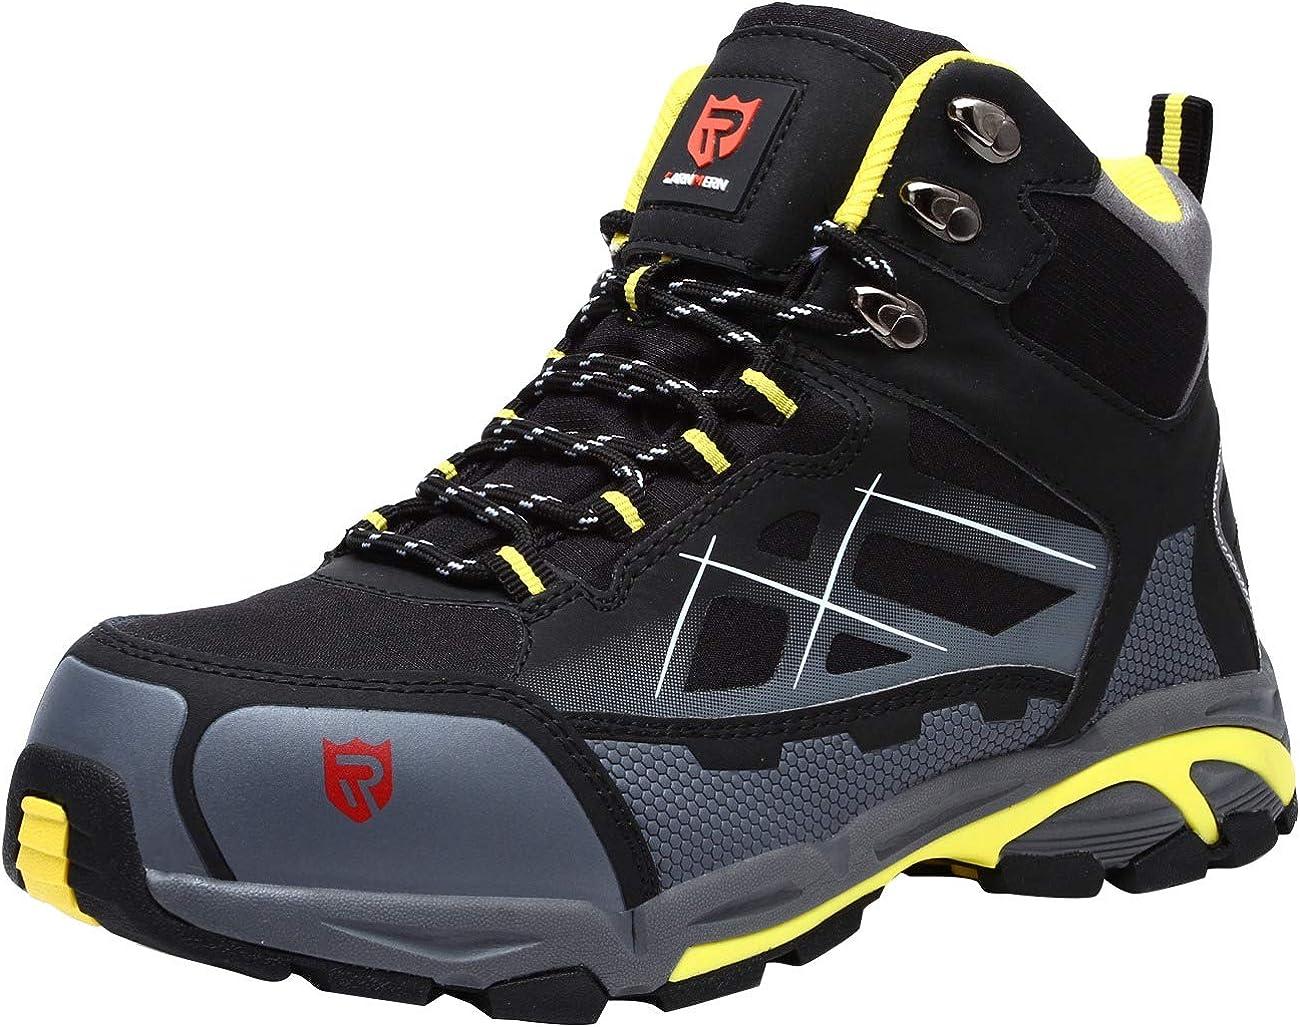 44.5 EU Gris LARNMERN Chaussure de Securit/é Unisex Imperm/éable S3 SRC Antid/érapantes Basket Securit/é Embout en Acier Anti-Perforation Chaussures de Travail L/éger